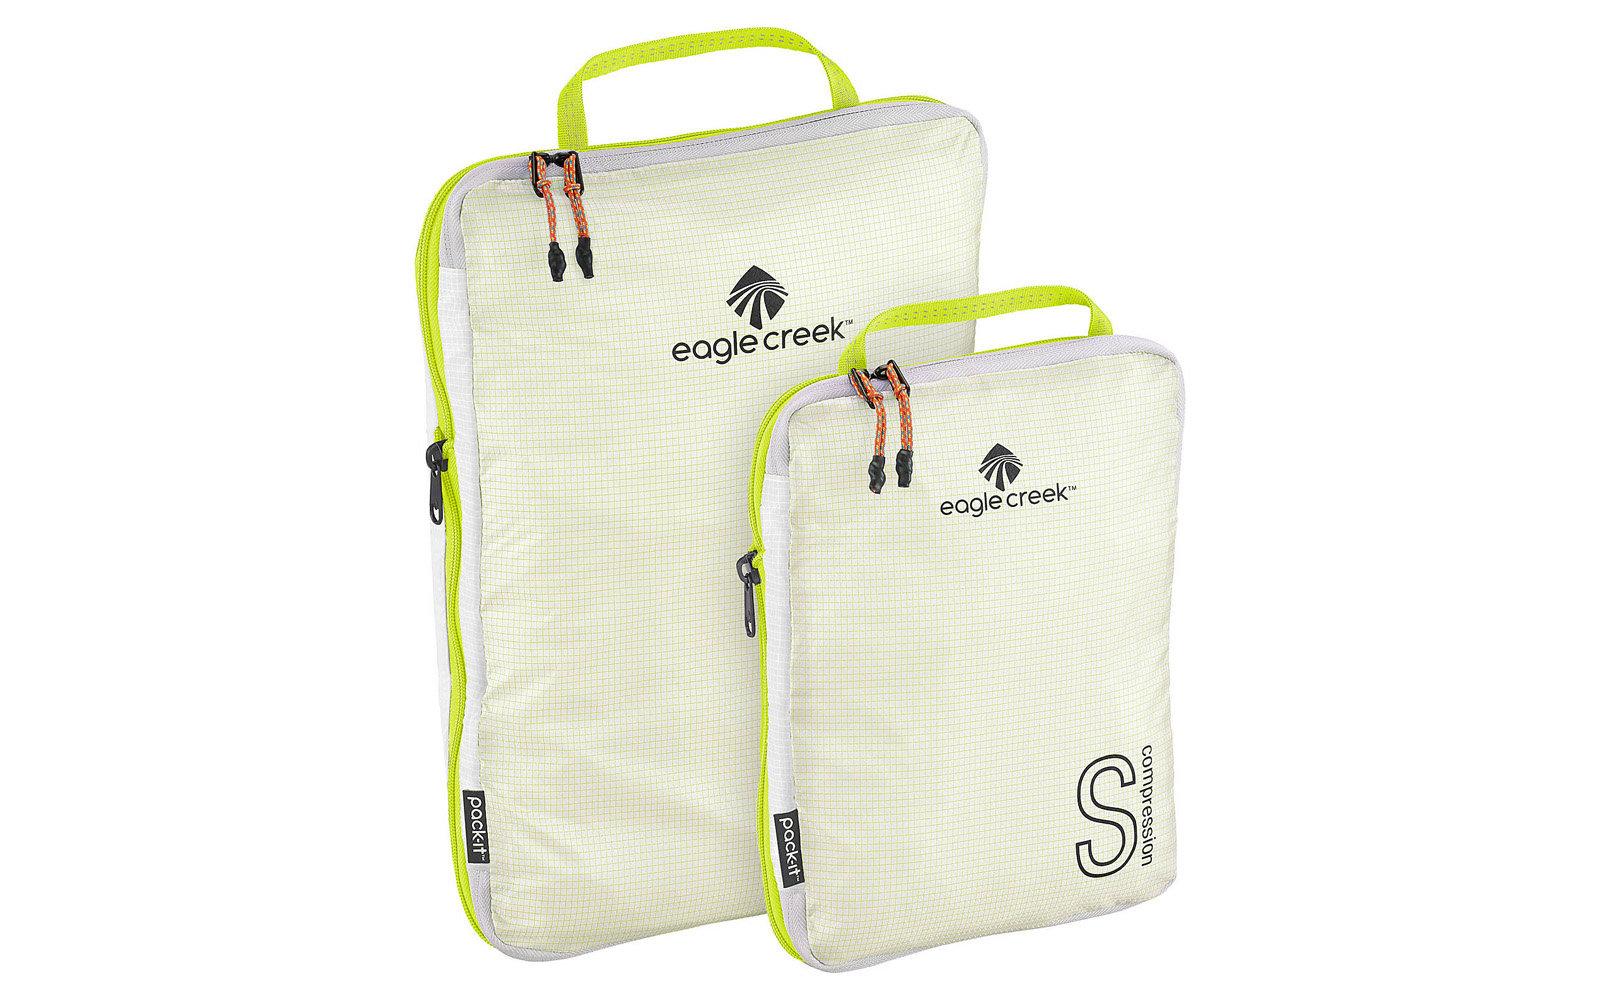 روشهای هوشمندانه برای بستن چمدان